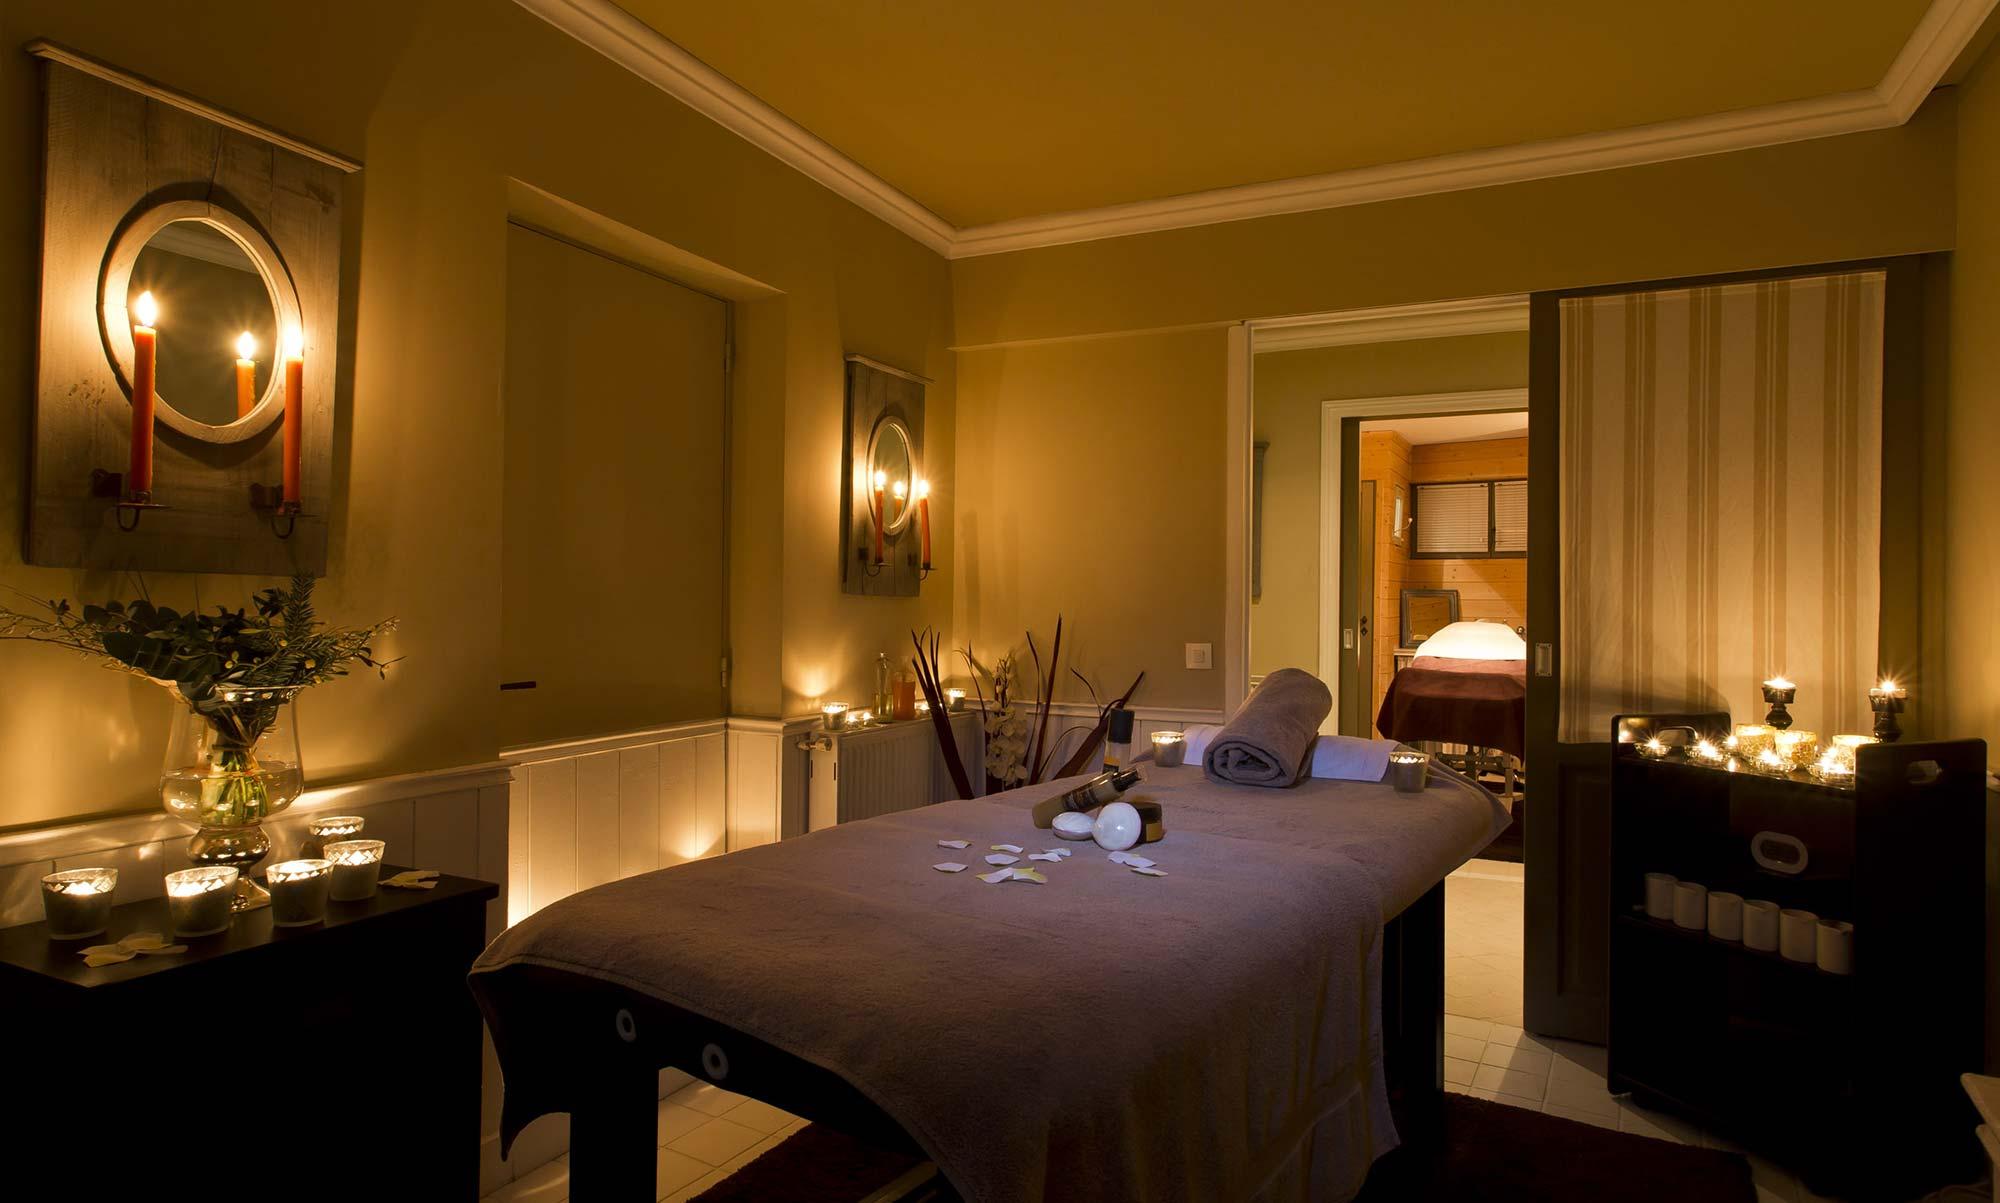 Salle de soin spa avec banc de massage et lumière tamisée